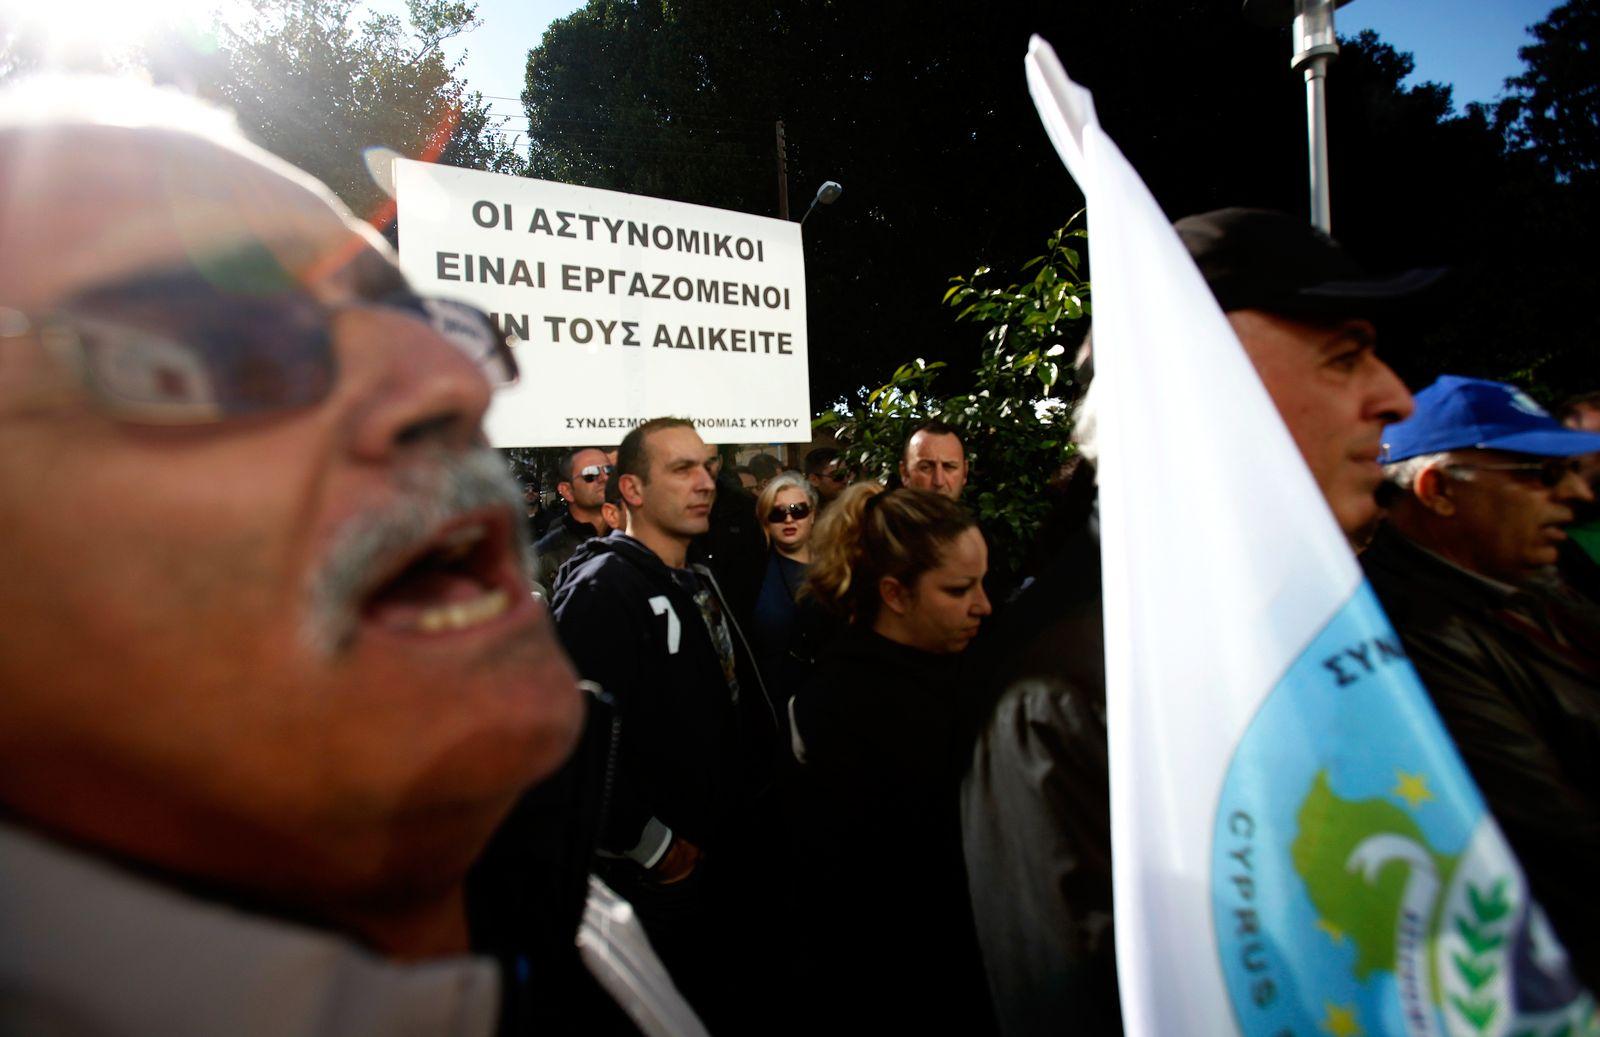 Zypern / Finanz-Krise